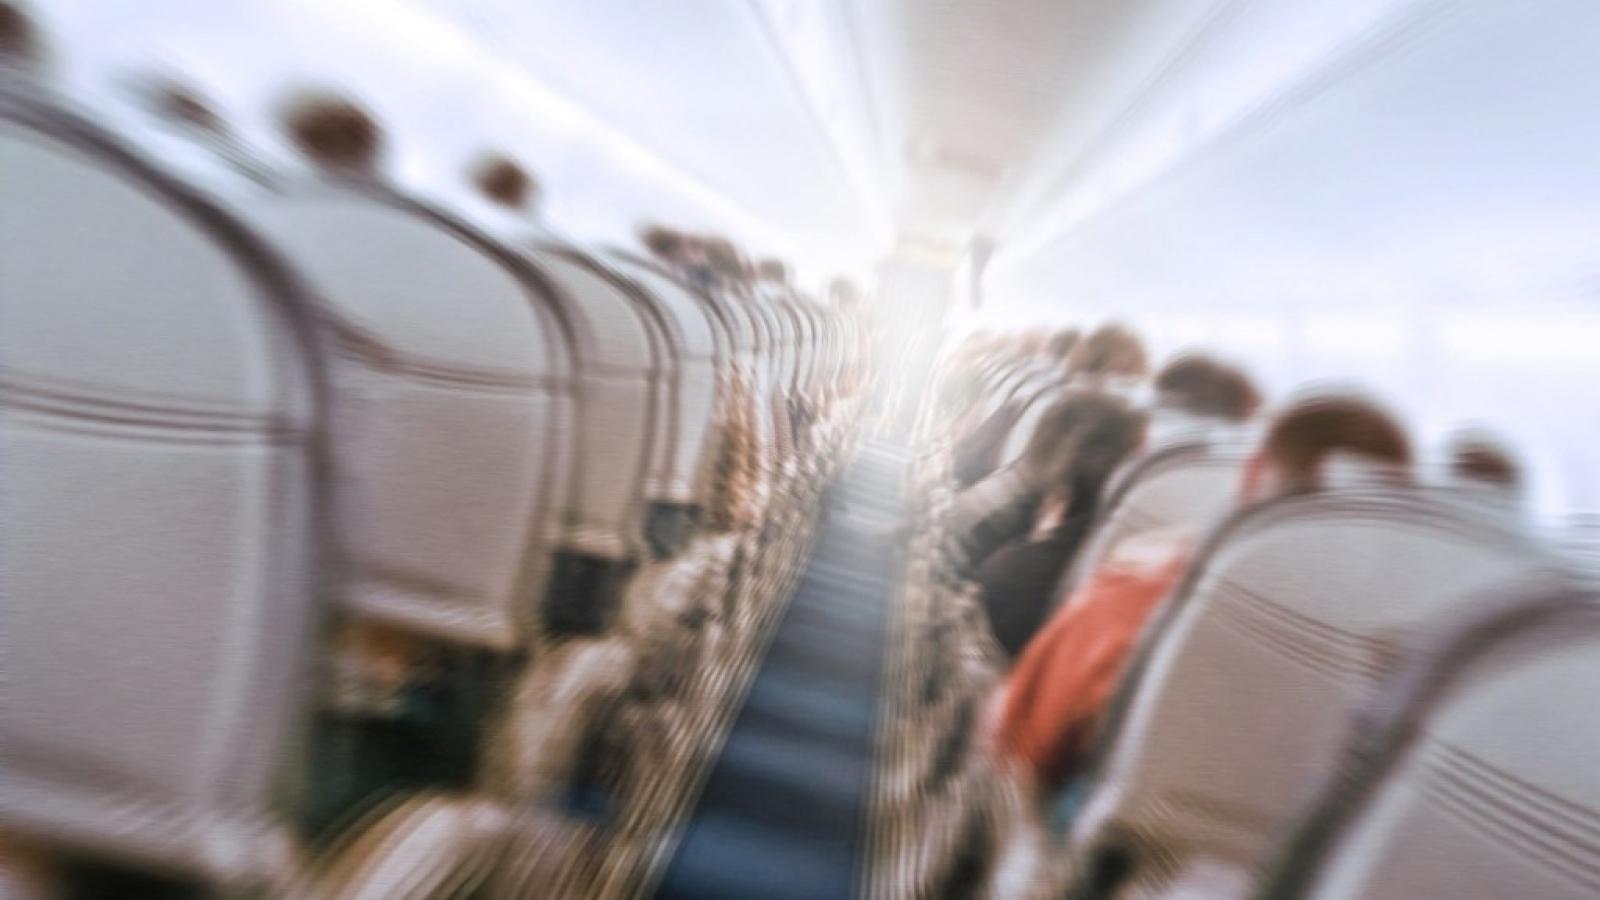 11 sự thật không ngờ về các chuyến bay dân dụng